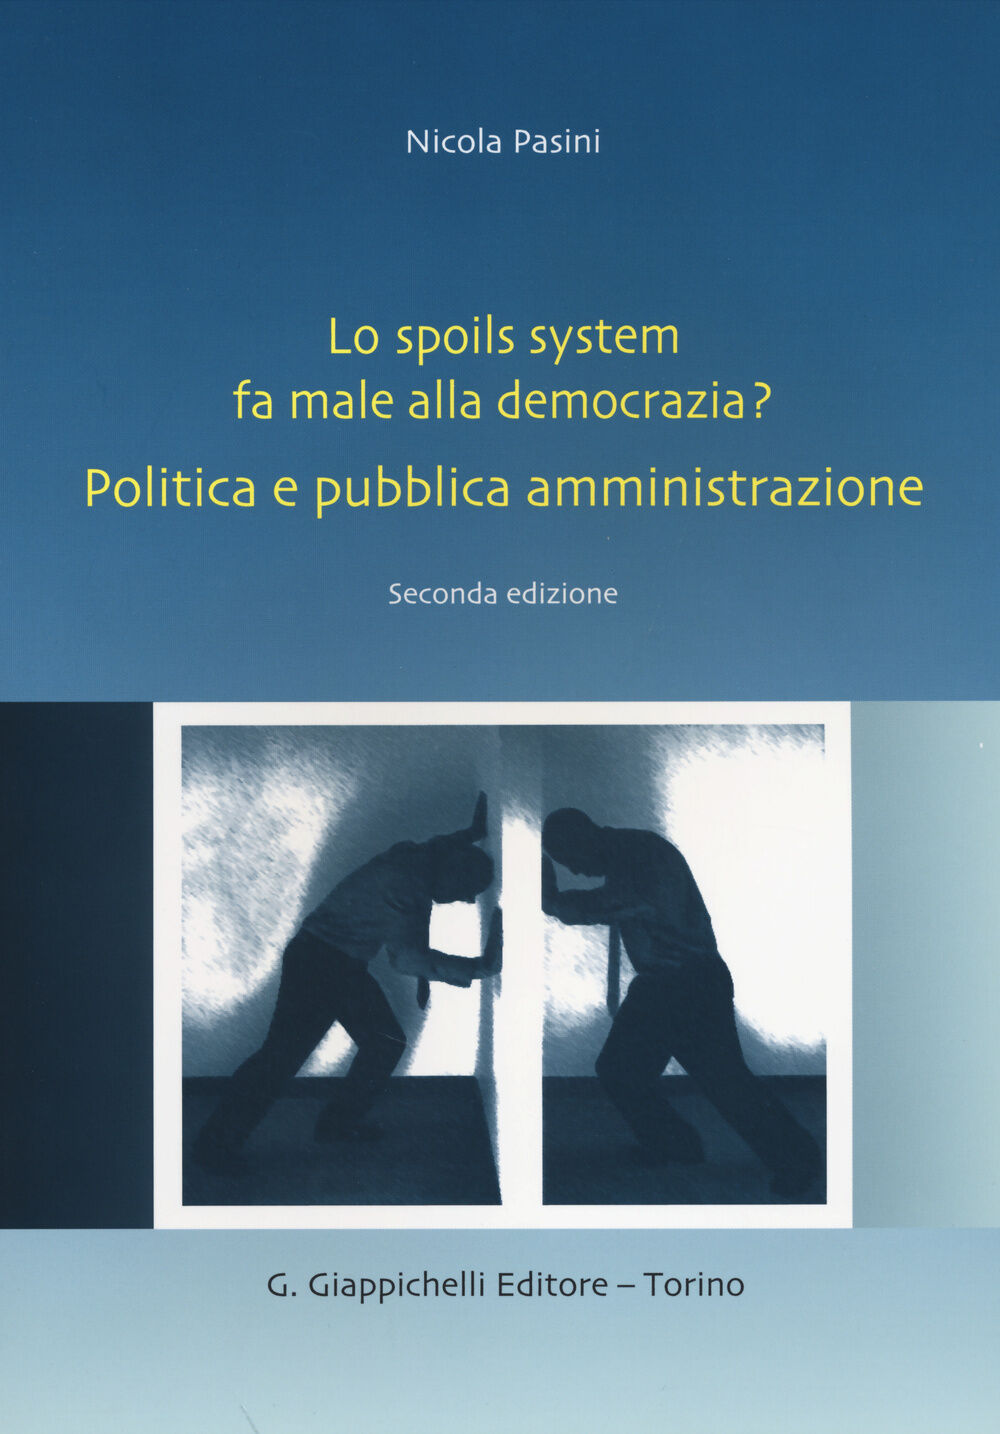 Lo spoils system fa male alla democrazia? Politica e pubblica amministrazione